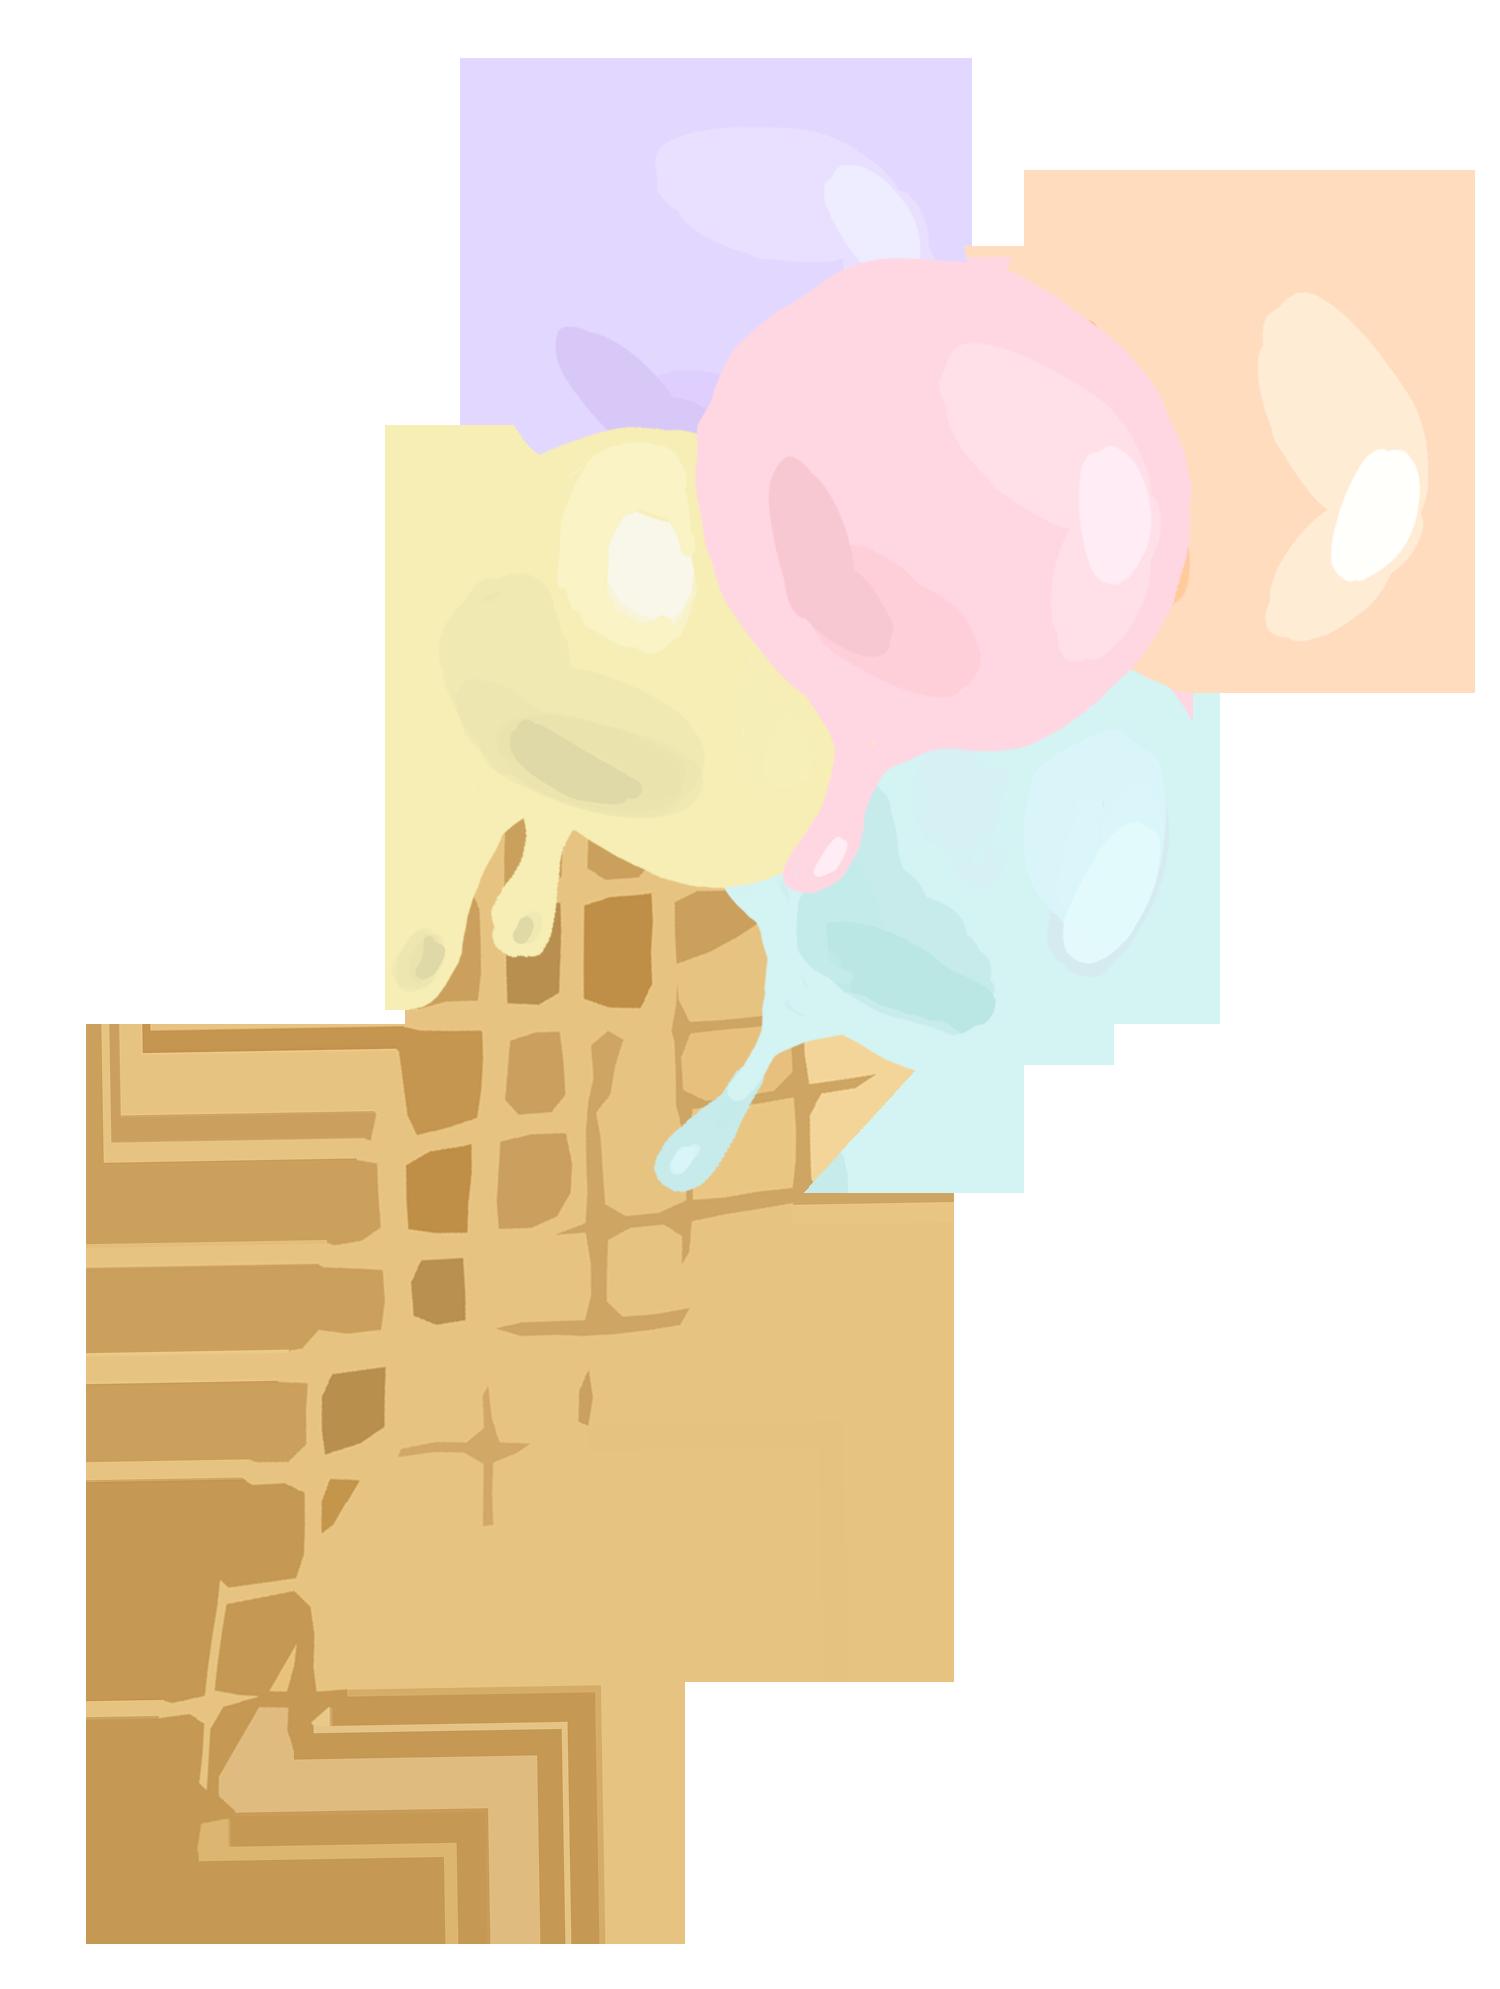 FORTINI'Sreview:Congratulations you get 5 gelato! Awesome! - Оазис для семейного отдыха. Нет детских программ и активностей, но этот пробел восполняет уютный бассейн, красивая территория и пруд с карпами.